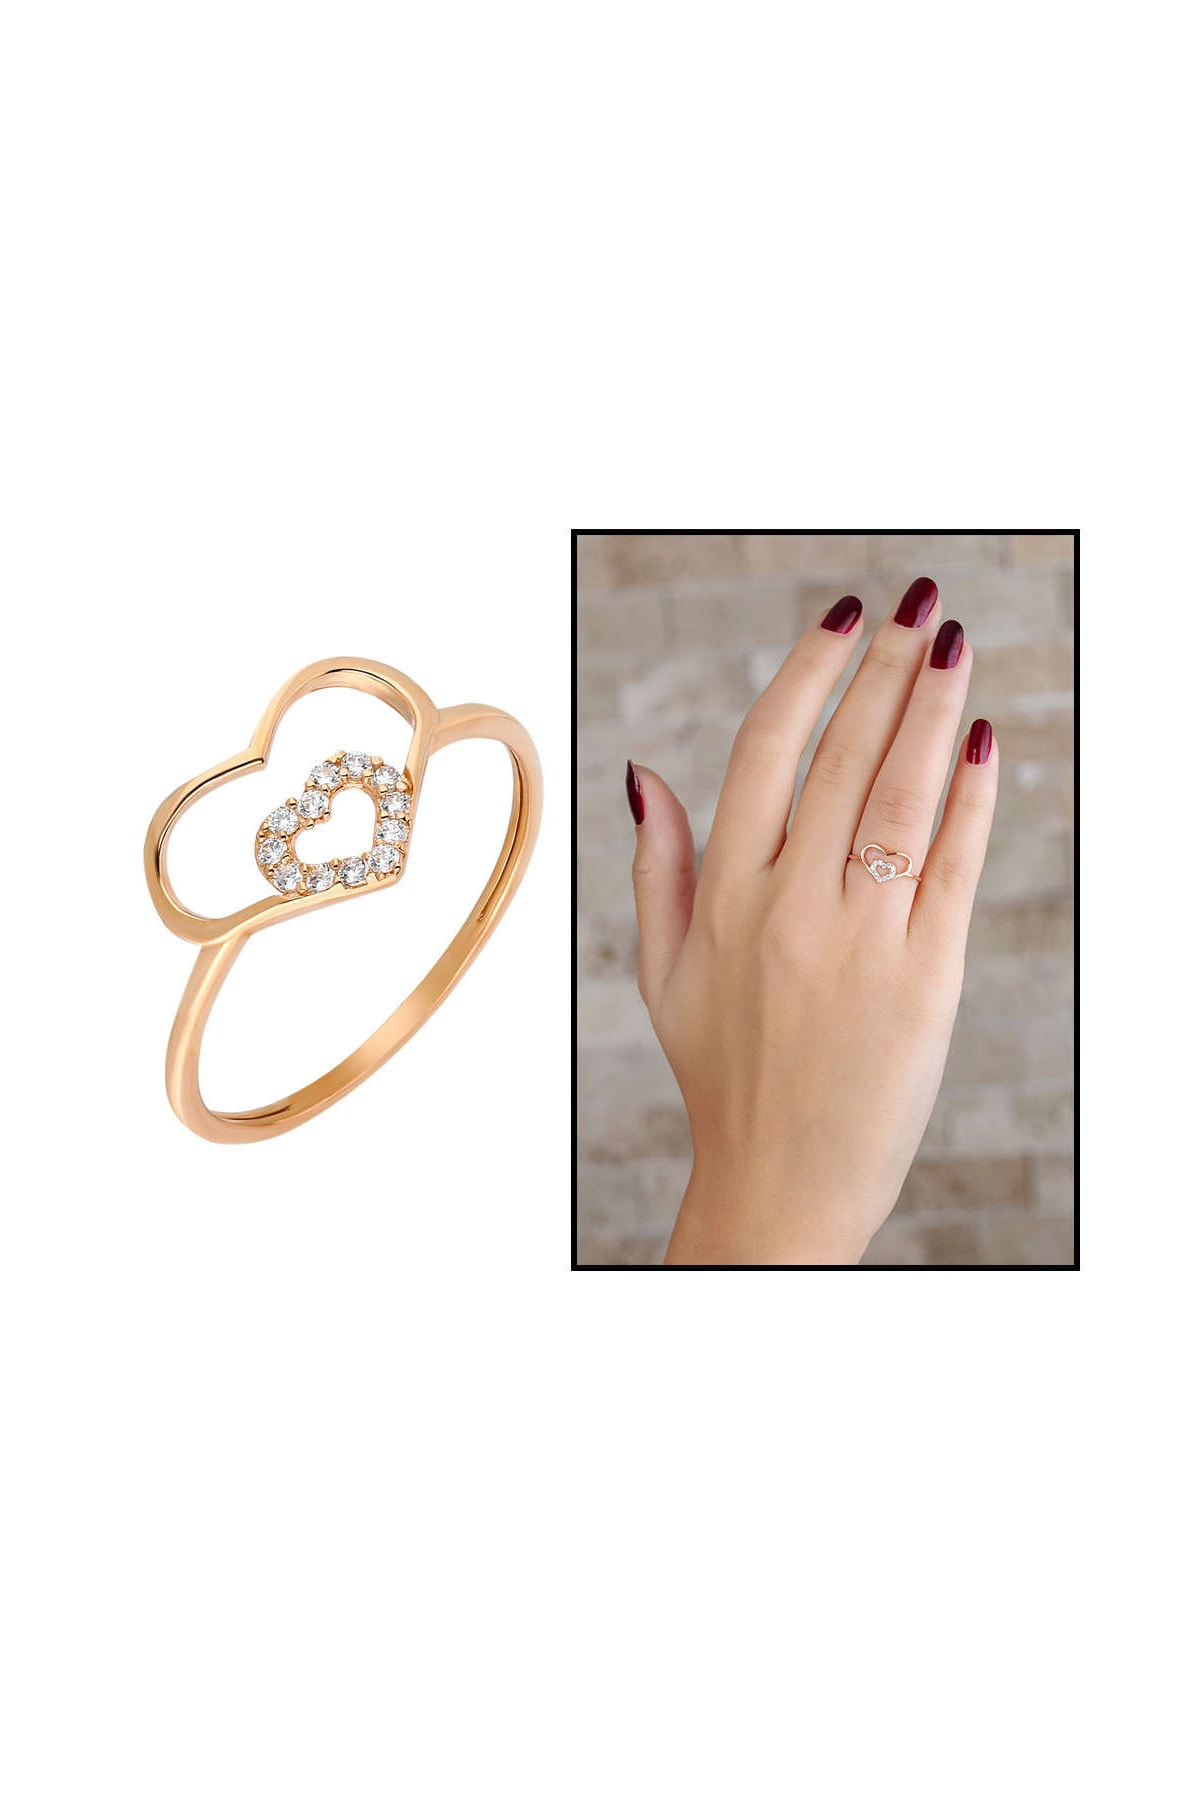 Tesbihane Zirkon Taşlı İç İçe Kalp Tasarım Rose Renk 925 Ayar Gümüş Bayan Yüzük 102001708